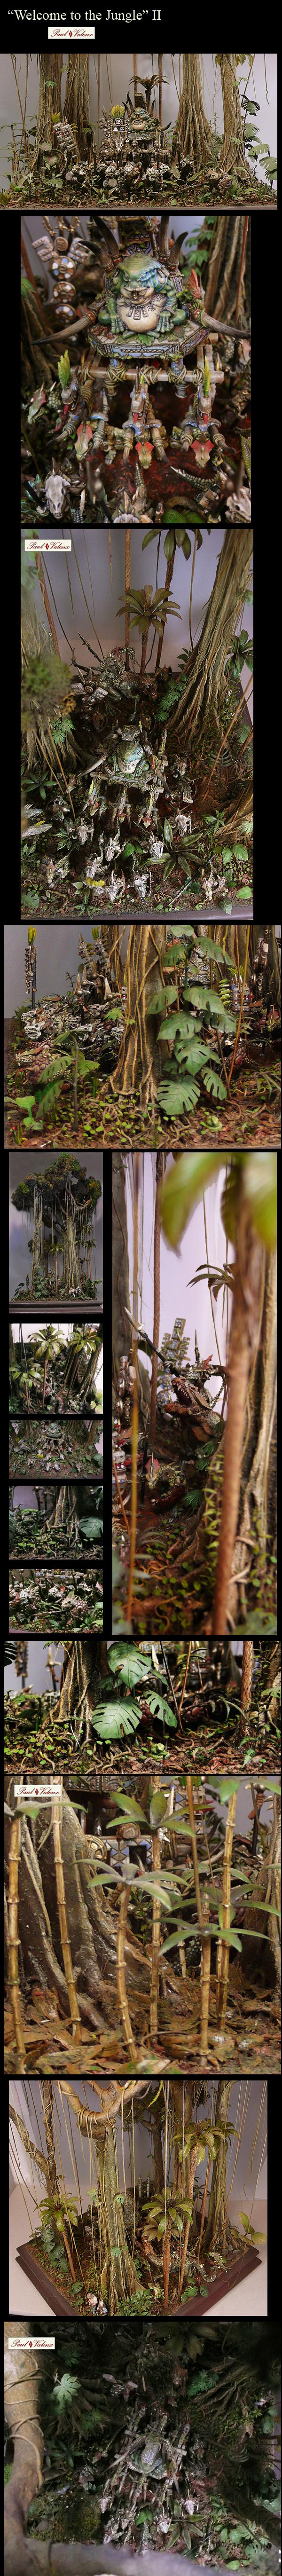 bienvenu dans la jungle par Paul Valenx ( impréssionnant ) 9835e3450e1464acb1ec5f4718c2eb9co